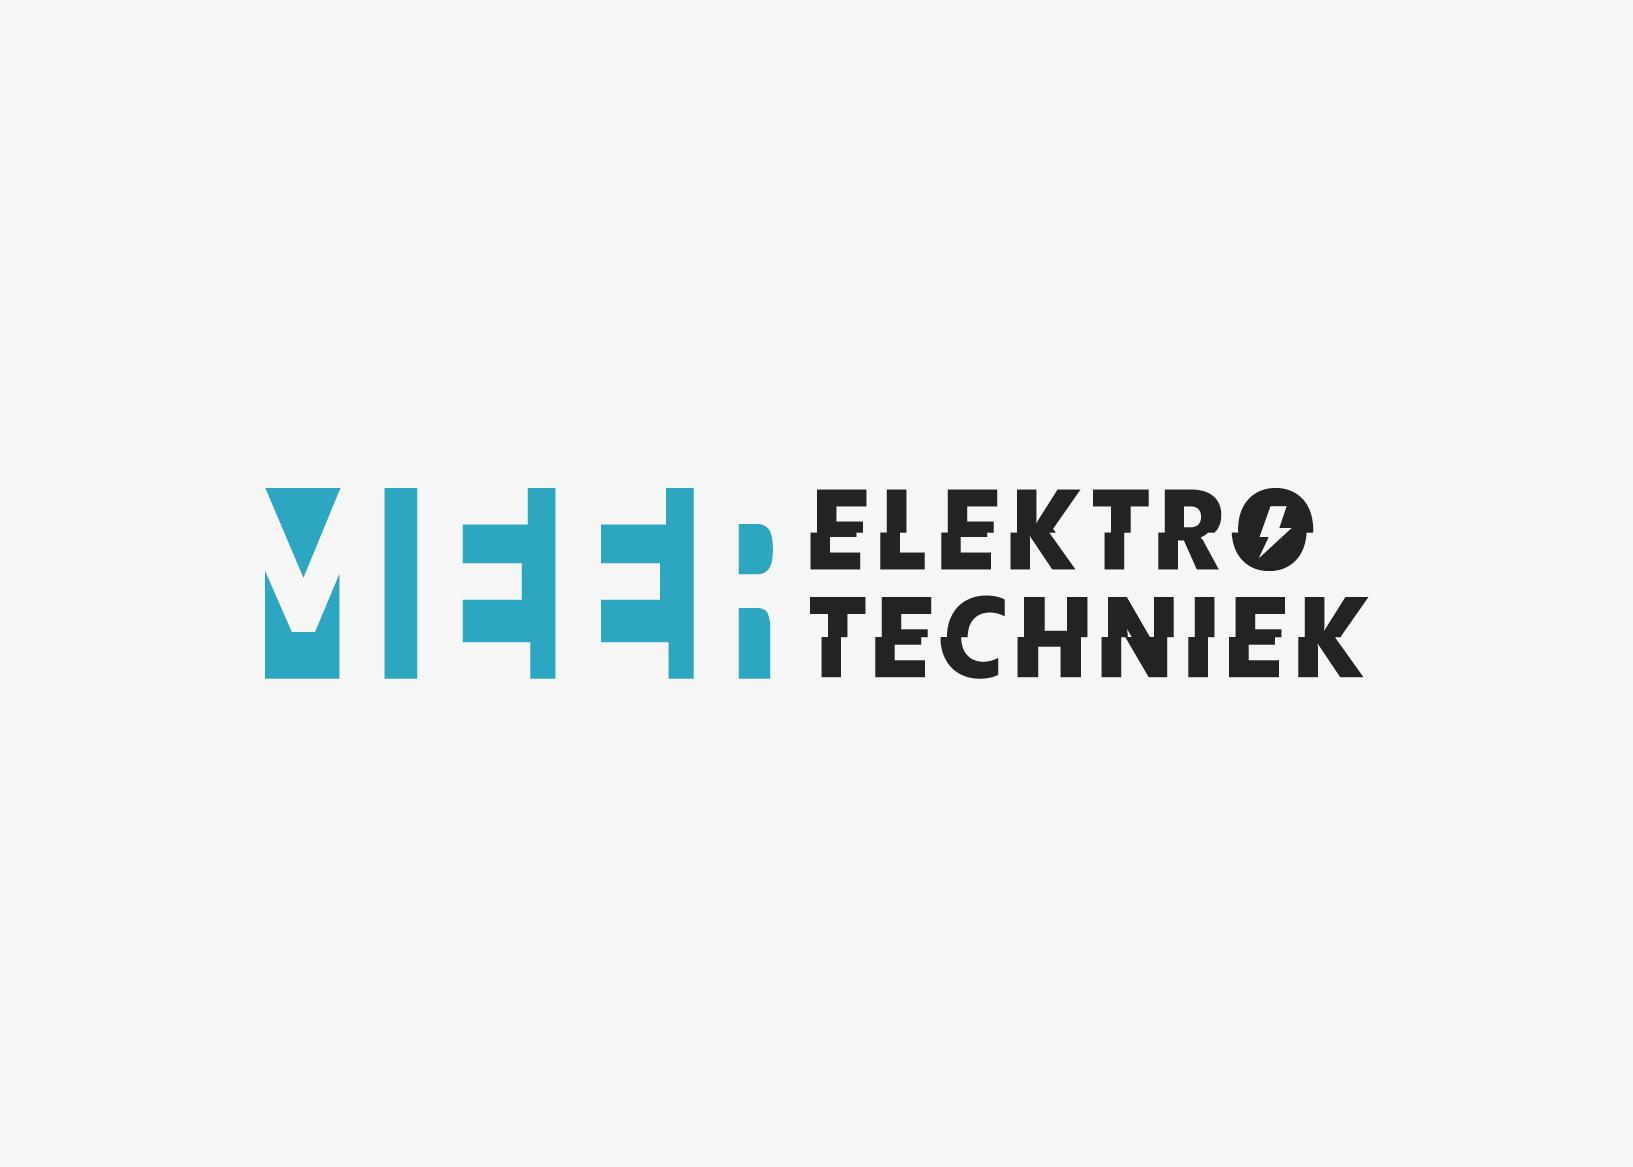 burowit-ontwerp-logo-meer-elektrotechniek-huisstijl-brand-design-ontwerpbureau-1